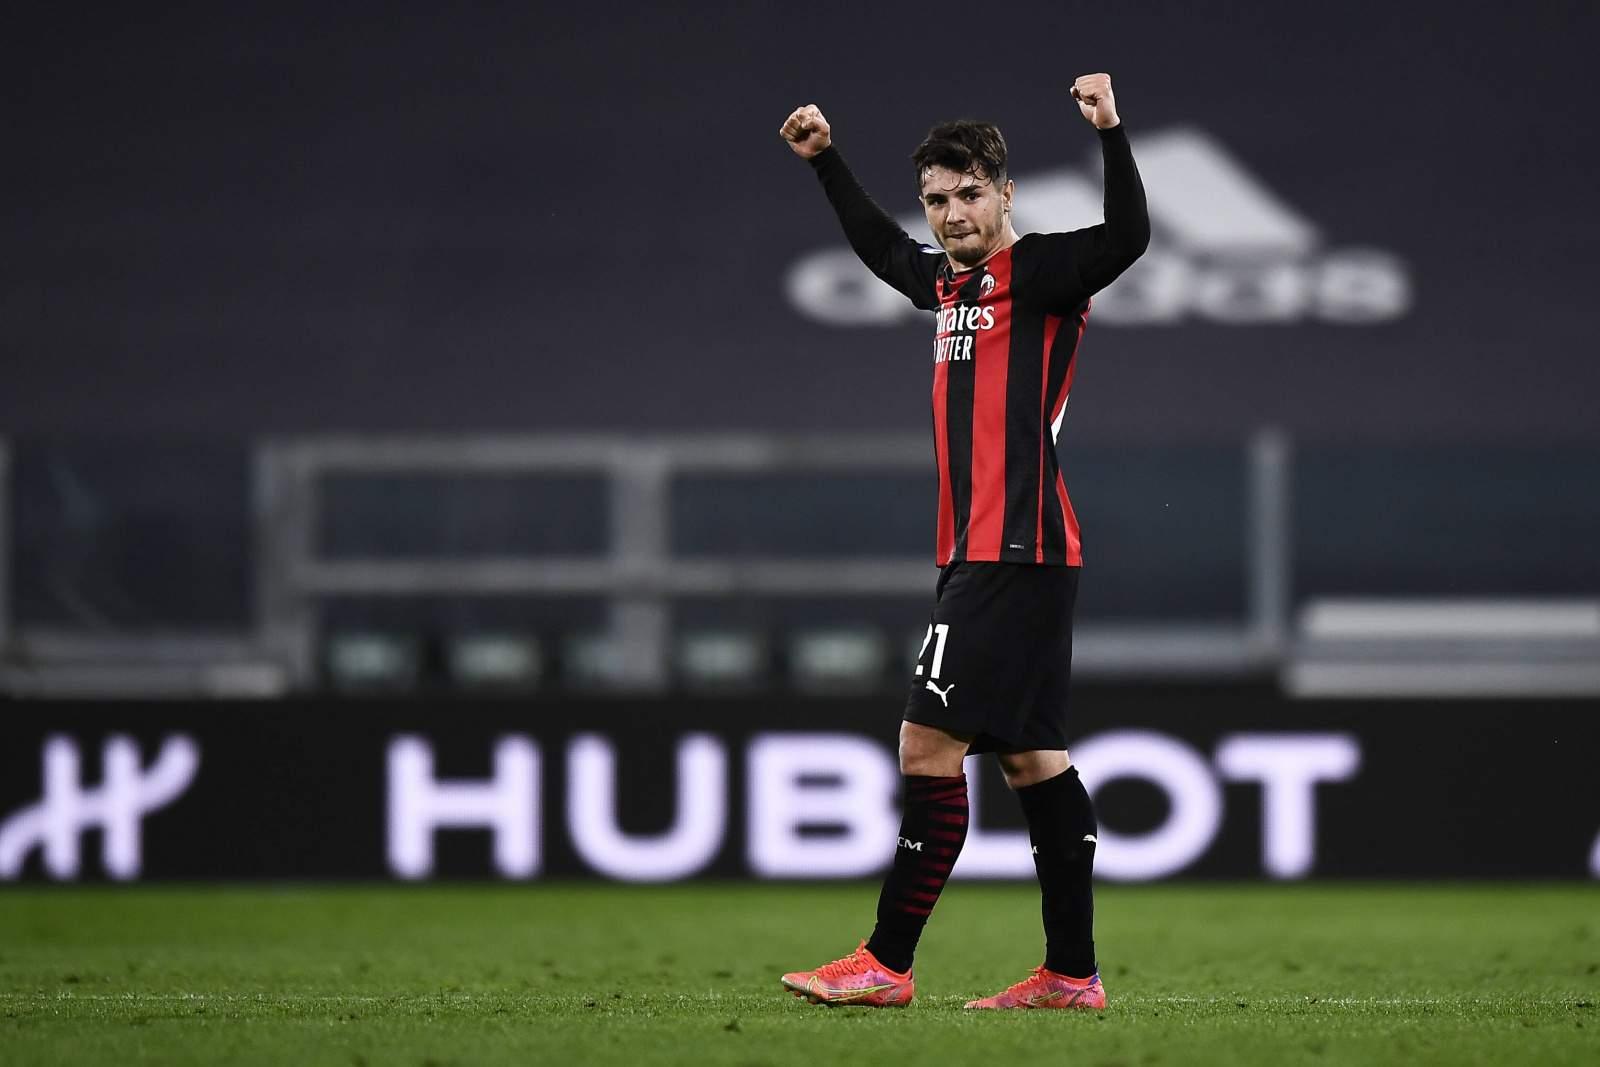 Диас считает, что «Милан» мог обыграть «Ливерпуль»